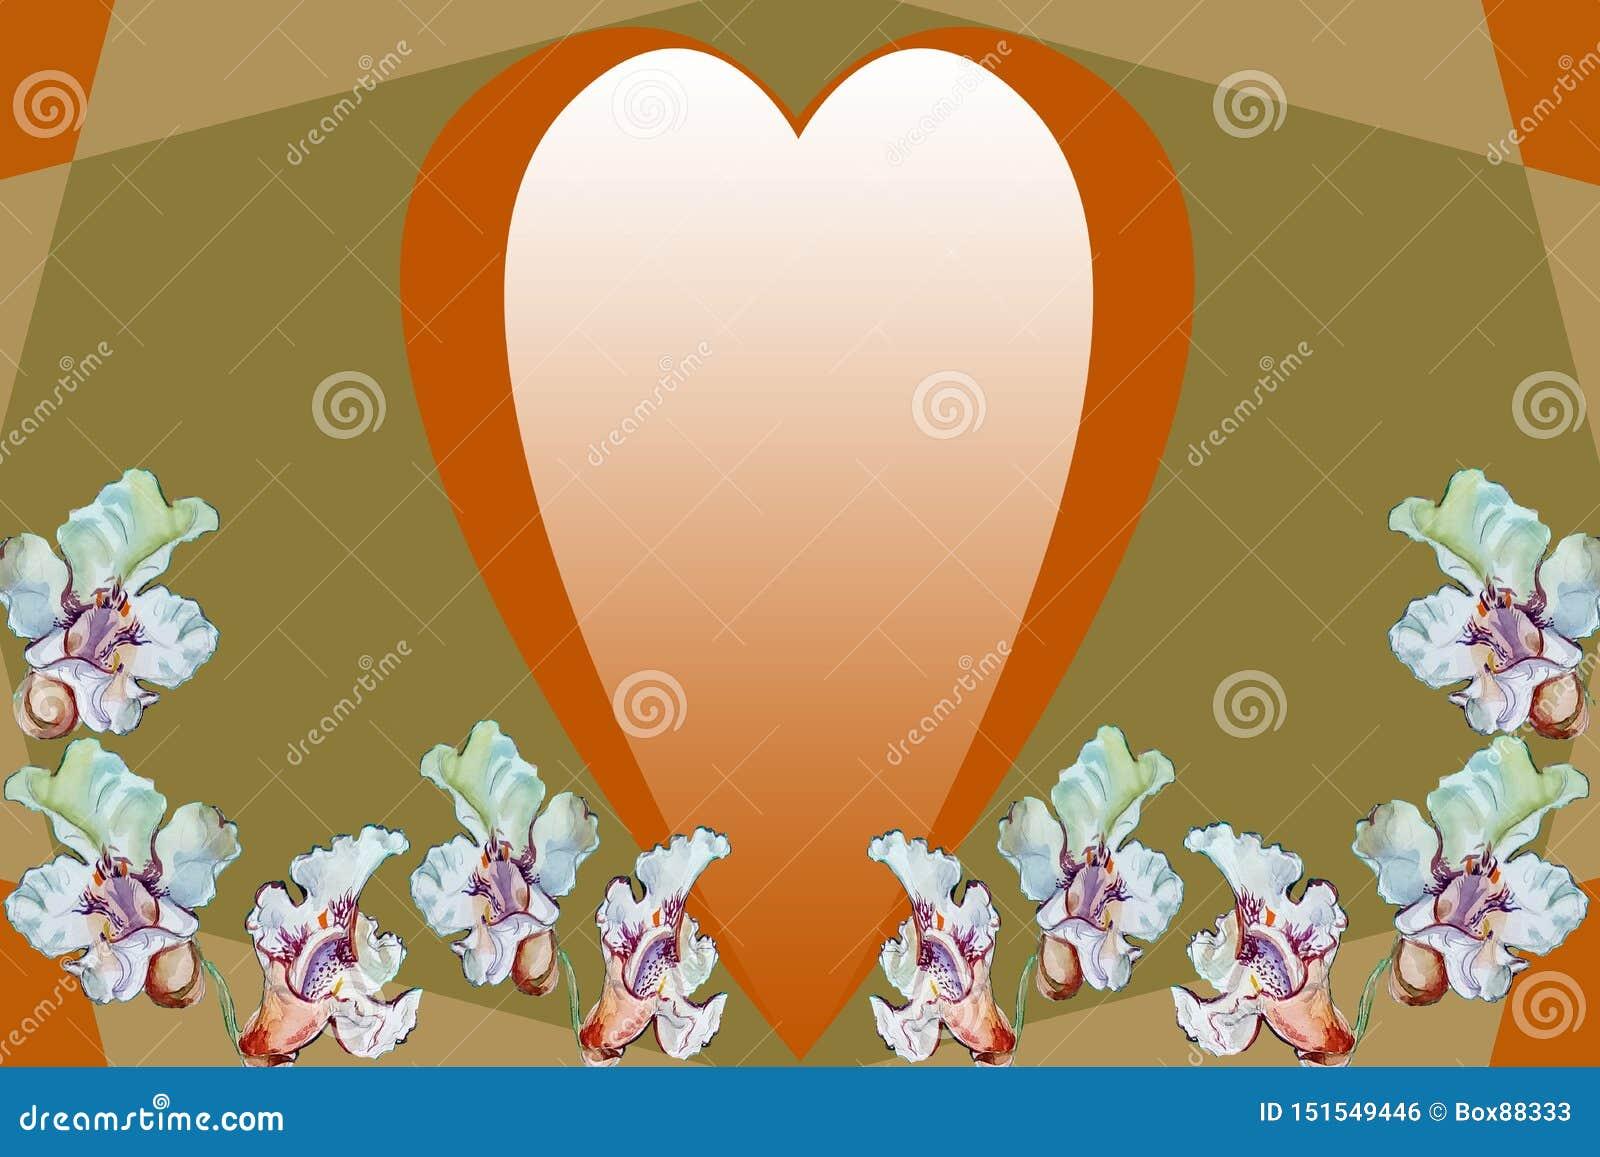 Corazón de oro y flores blancas en un fondo geométrico abstracto